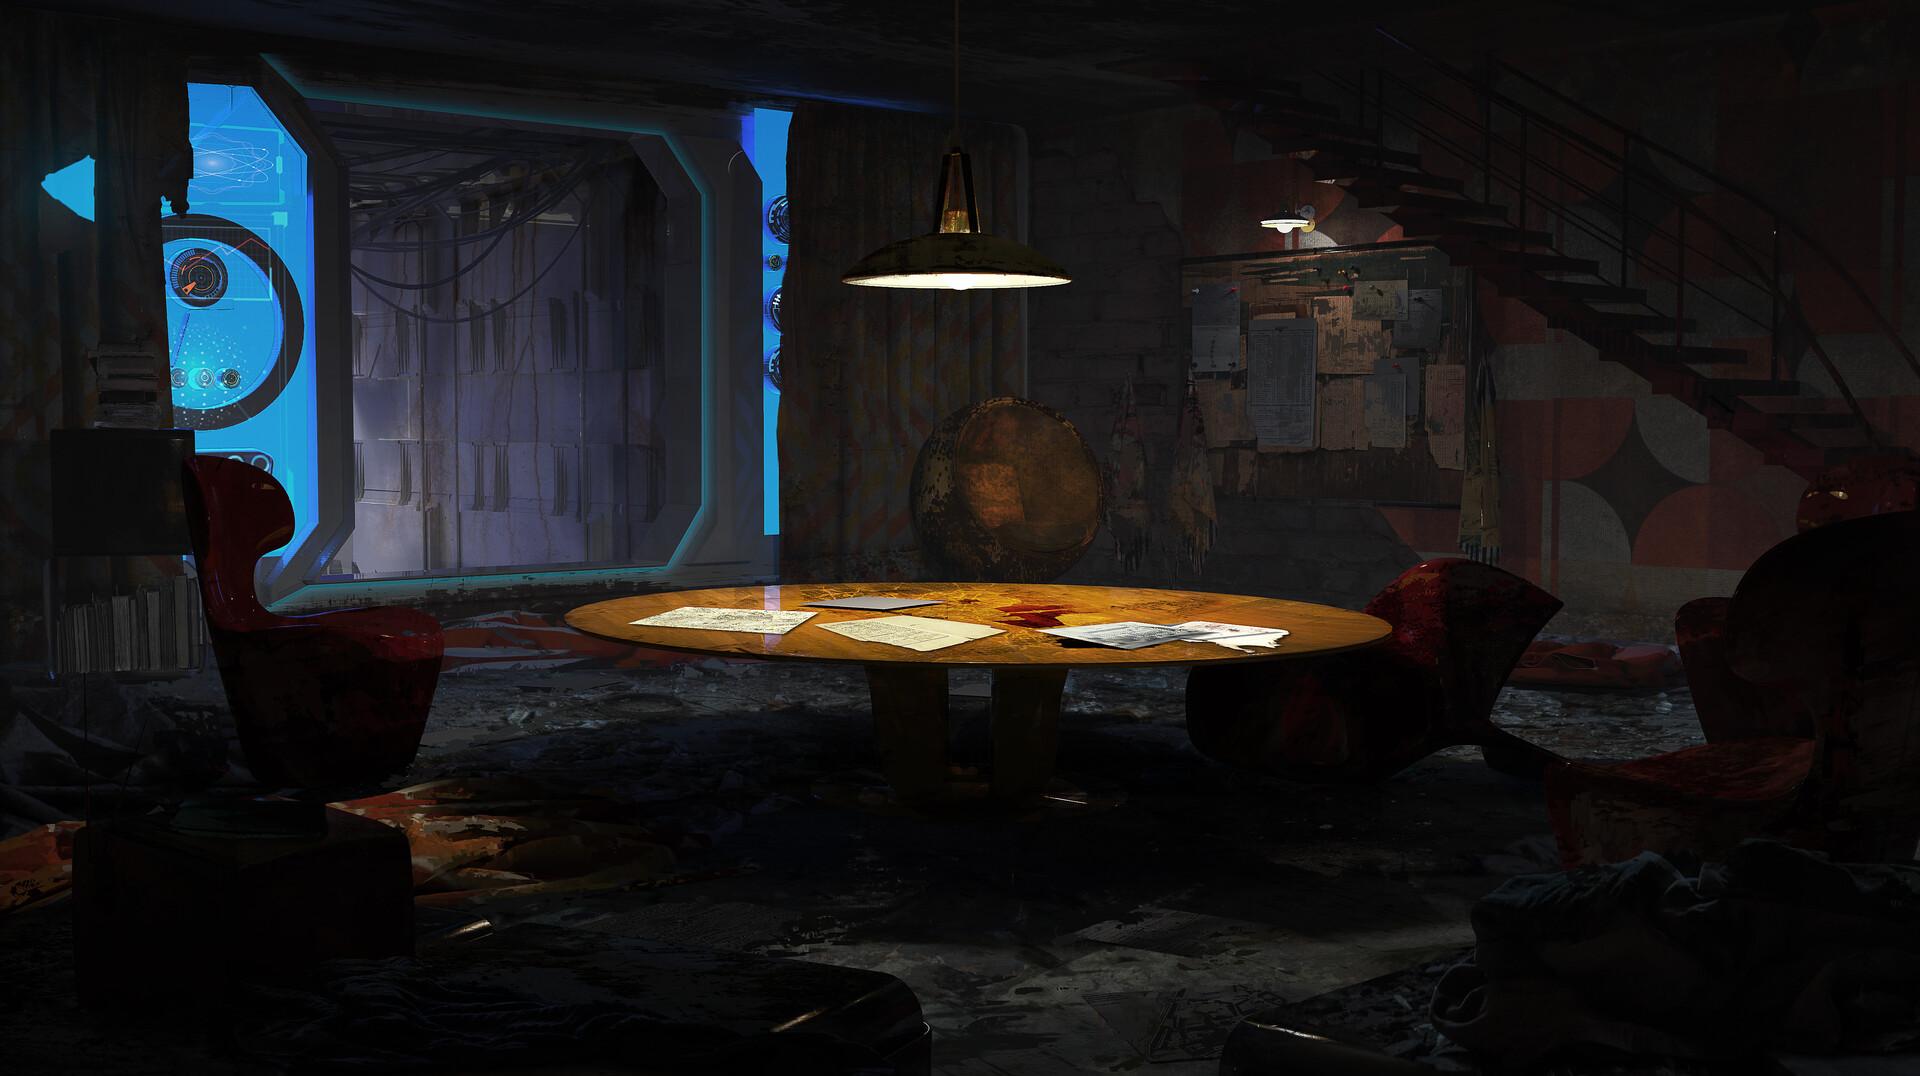 Helen ilnytska interior